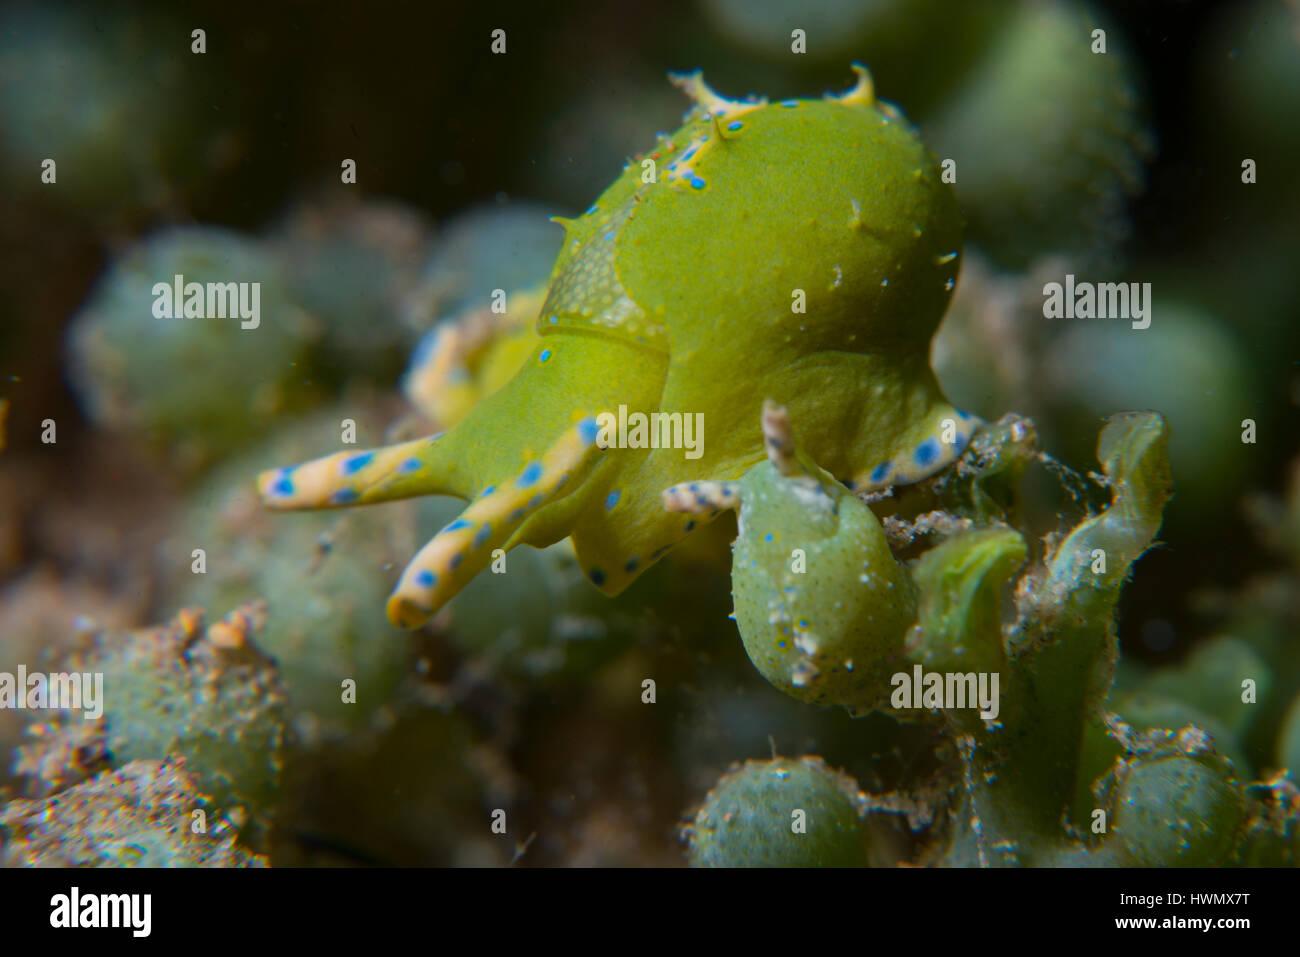 Paire d'escargots de mer, Oxynoe viridis, sur l'algue verte Caulerpa racemosa, Anilao, Luzon, Philippines, du détroit de Guimaras Banque D'Images